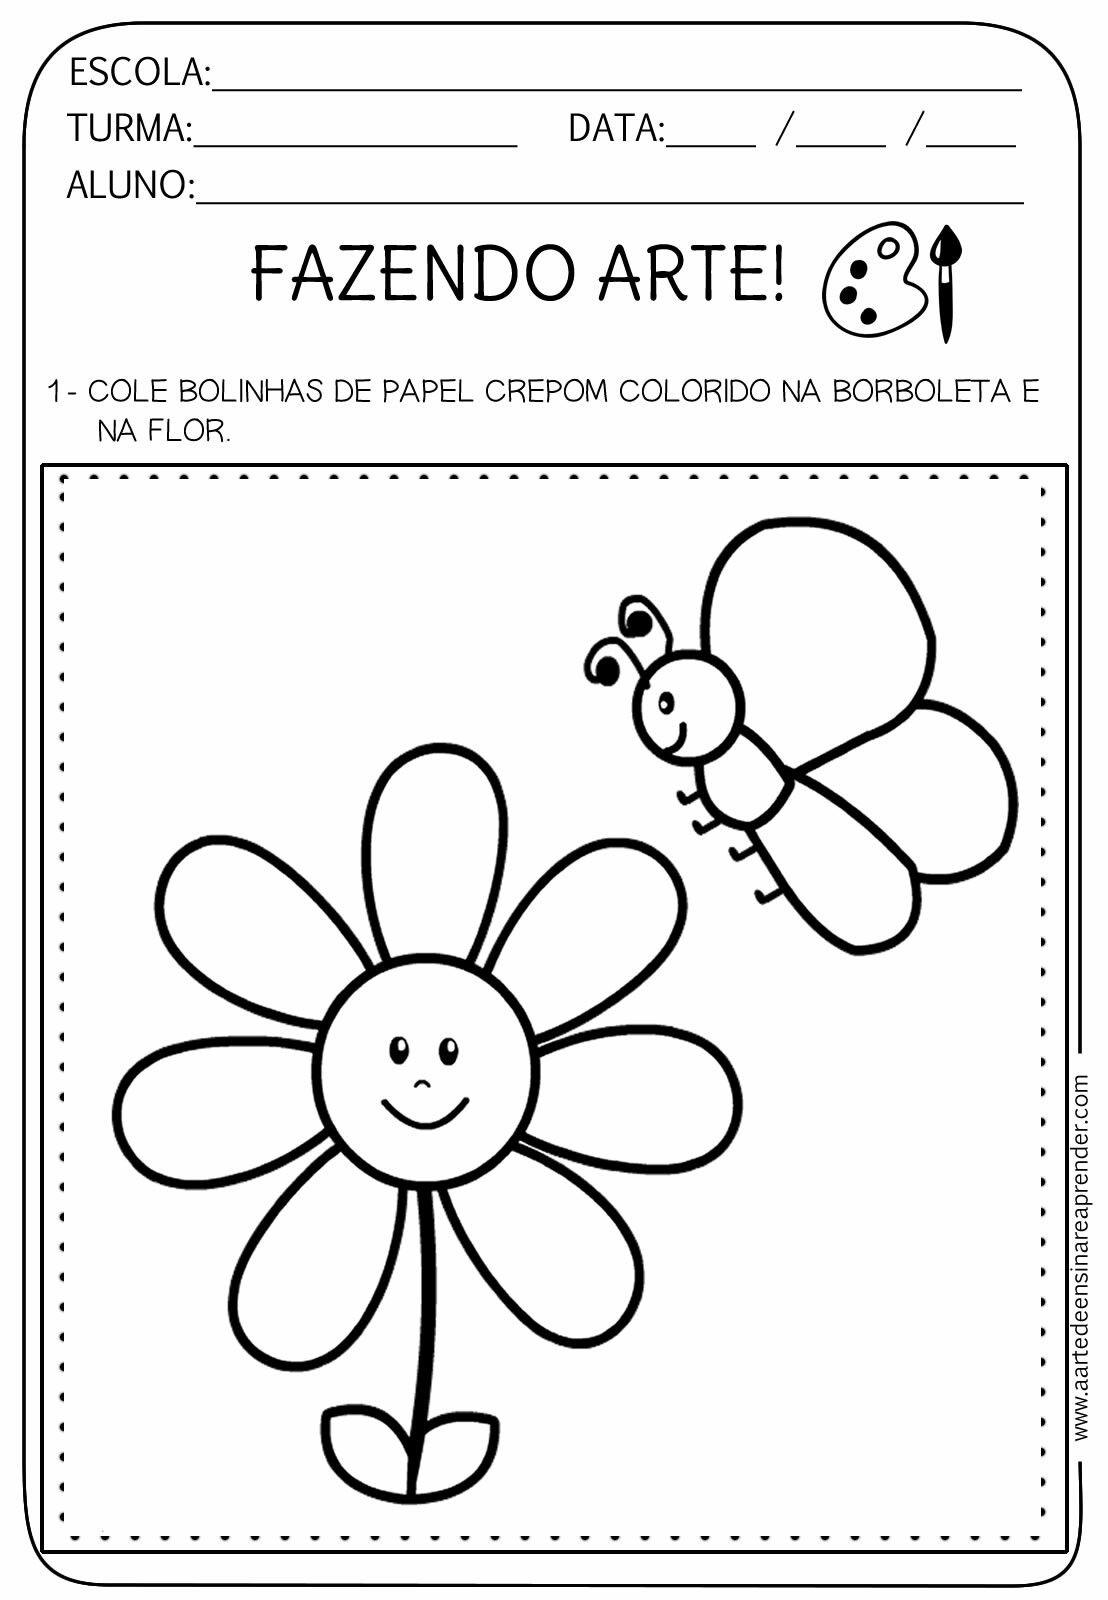 Primavera Com Imagens Atividades Para Educacao Infantil